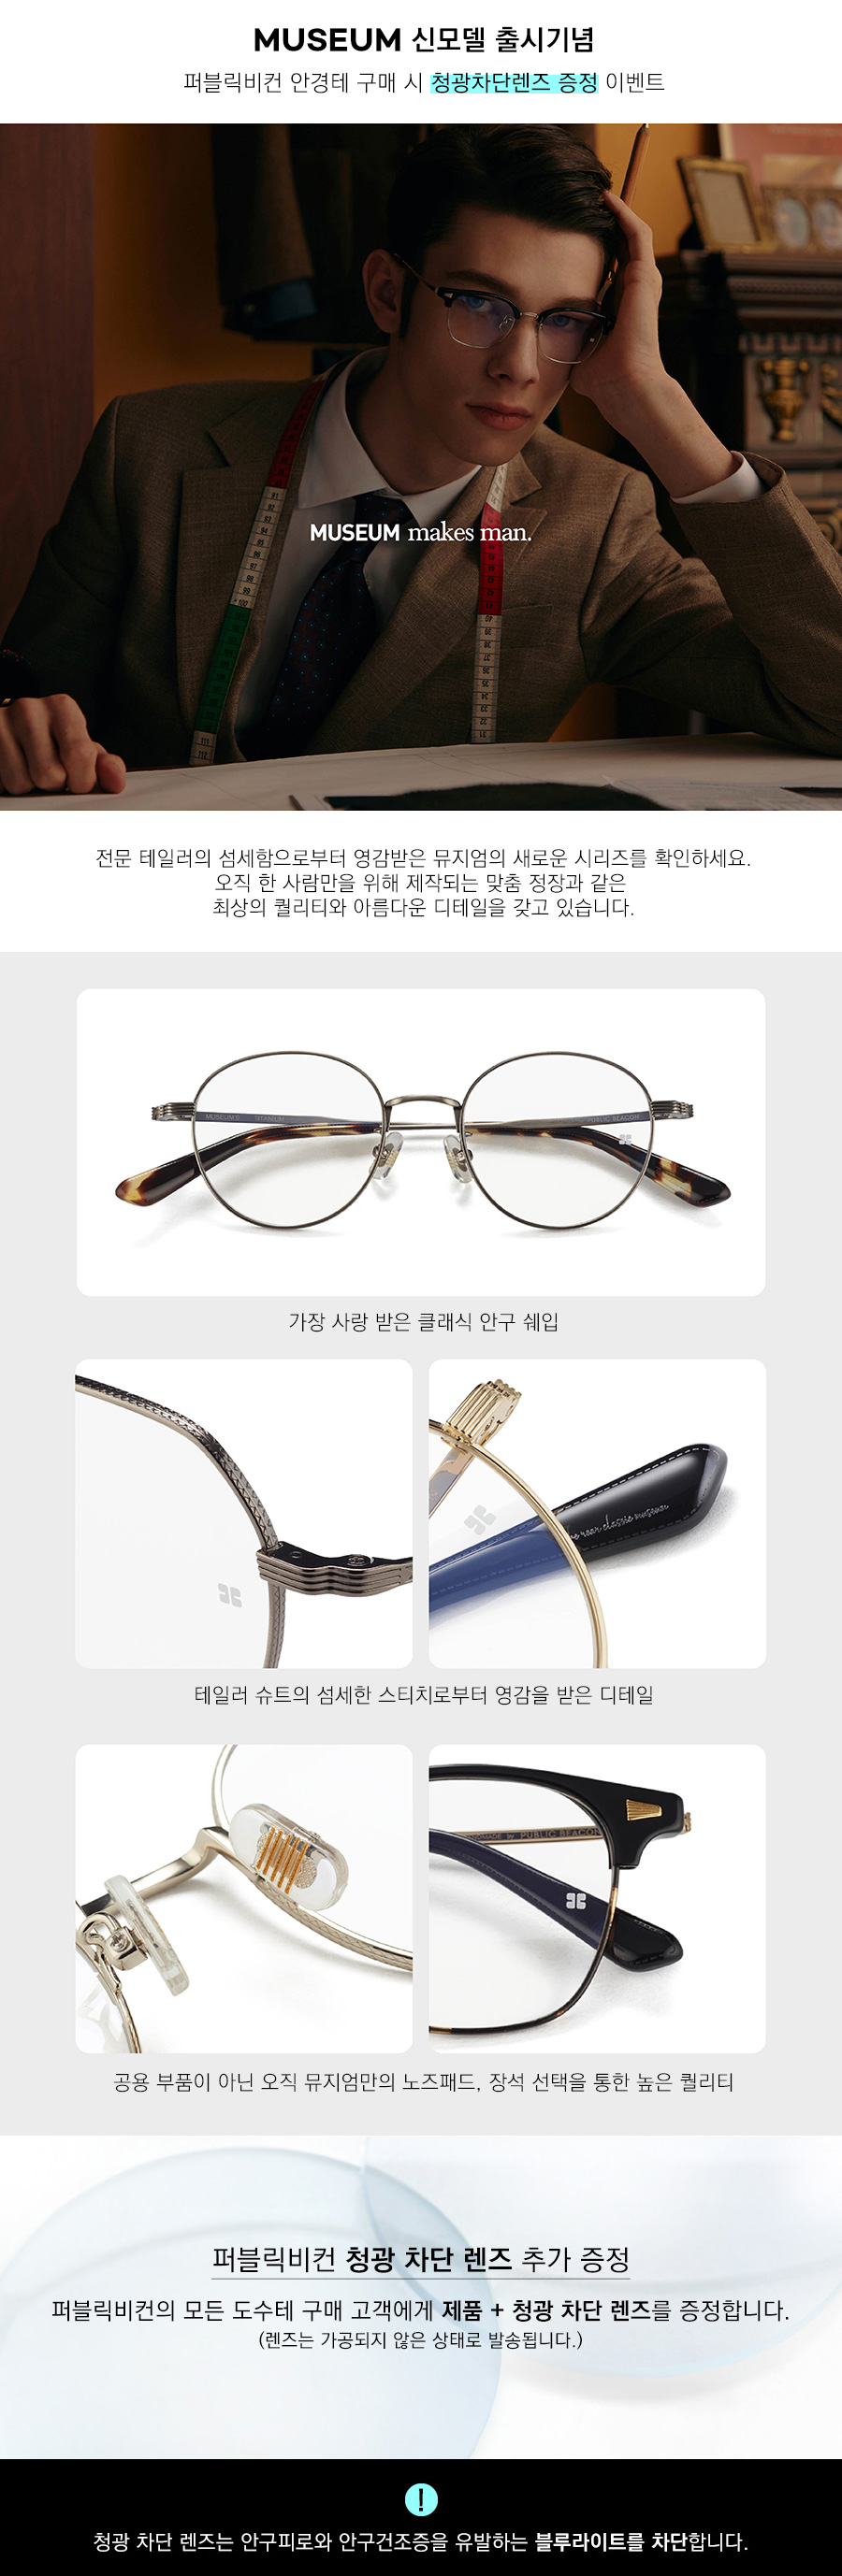 뮤지엄 신규라인 출시기념 청광차단렌즈 증정 이벤트